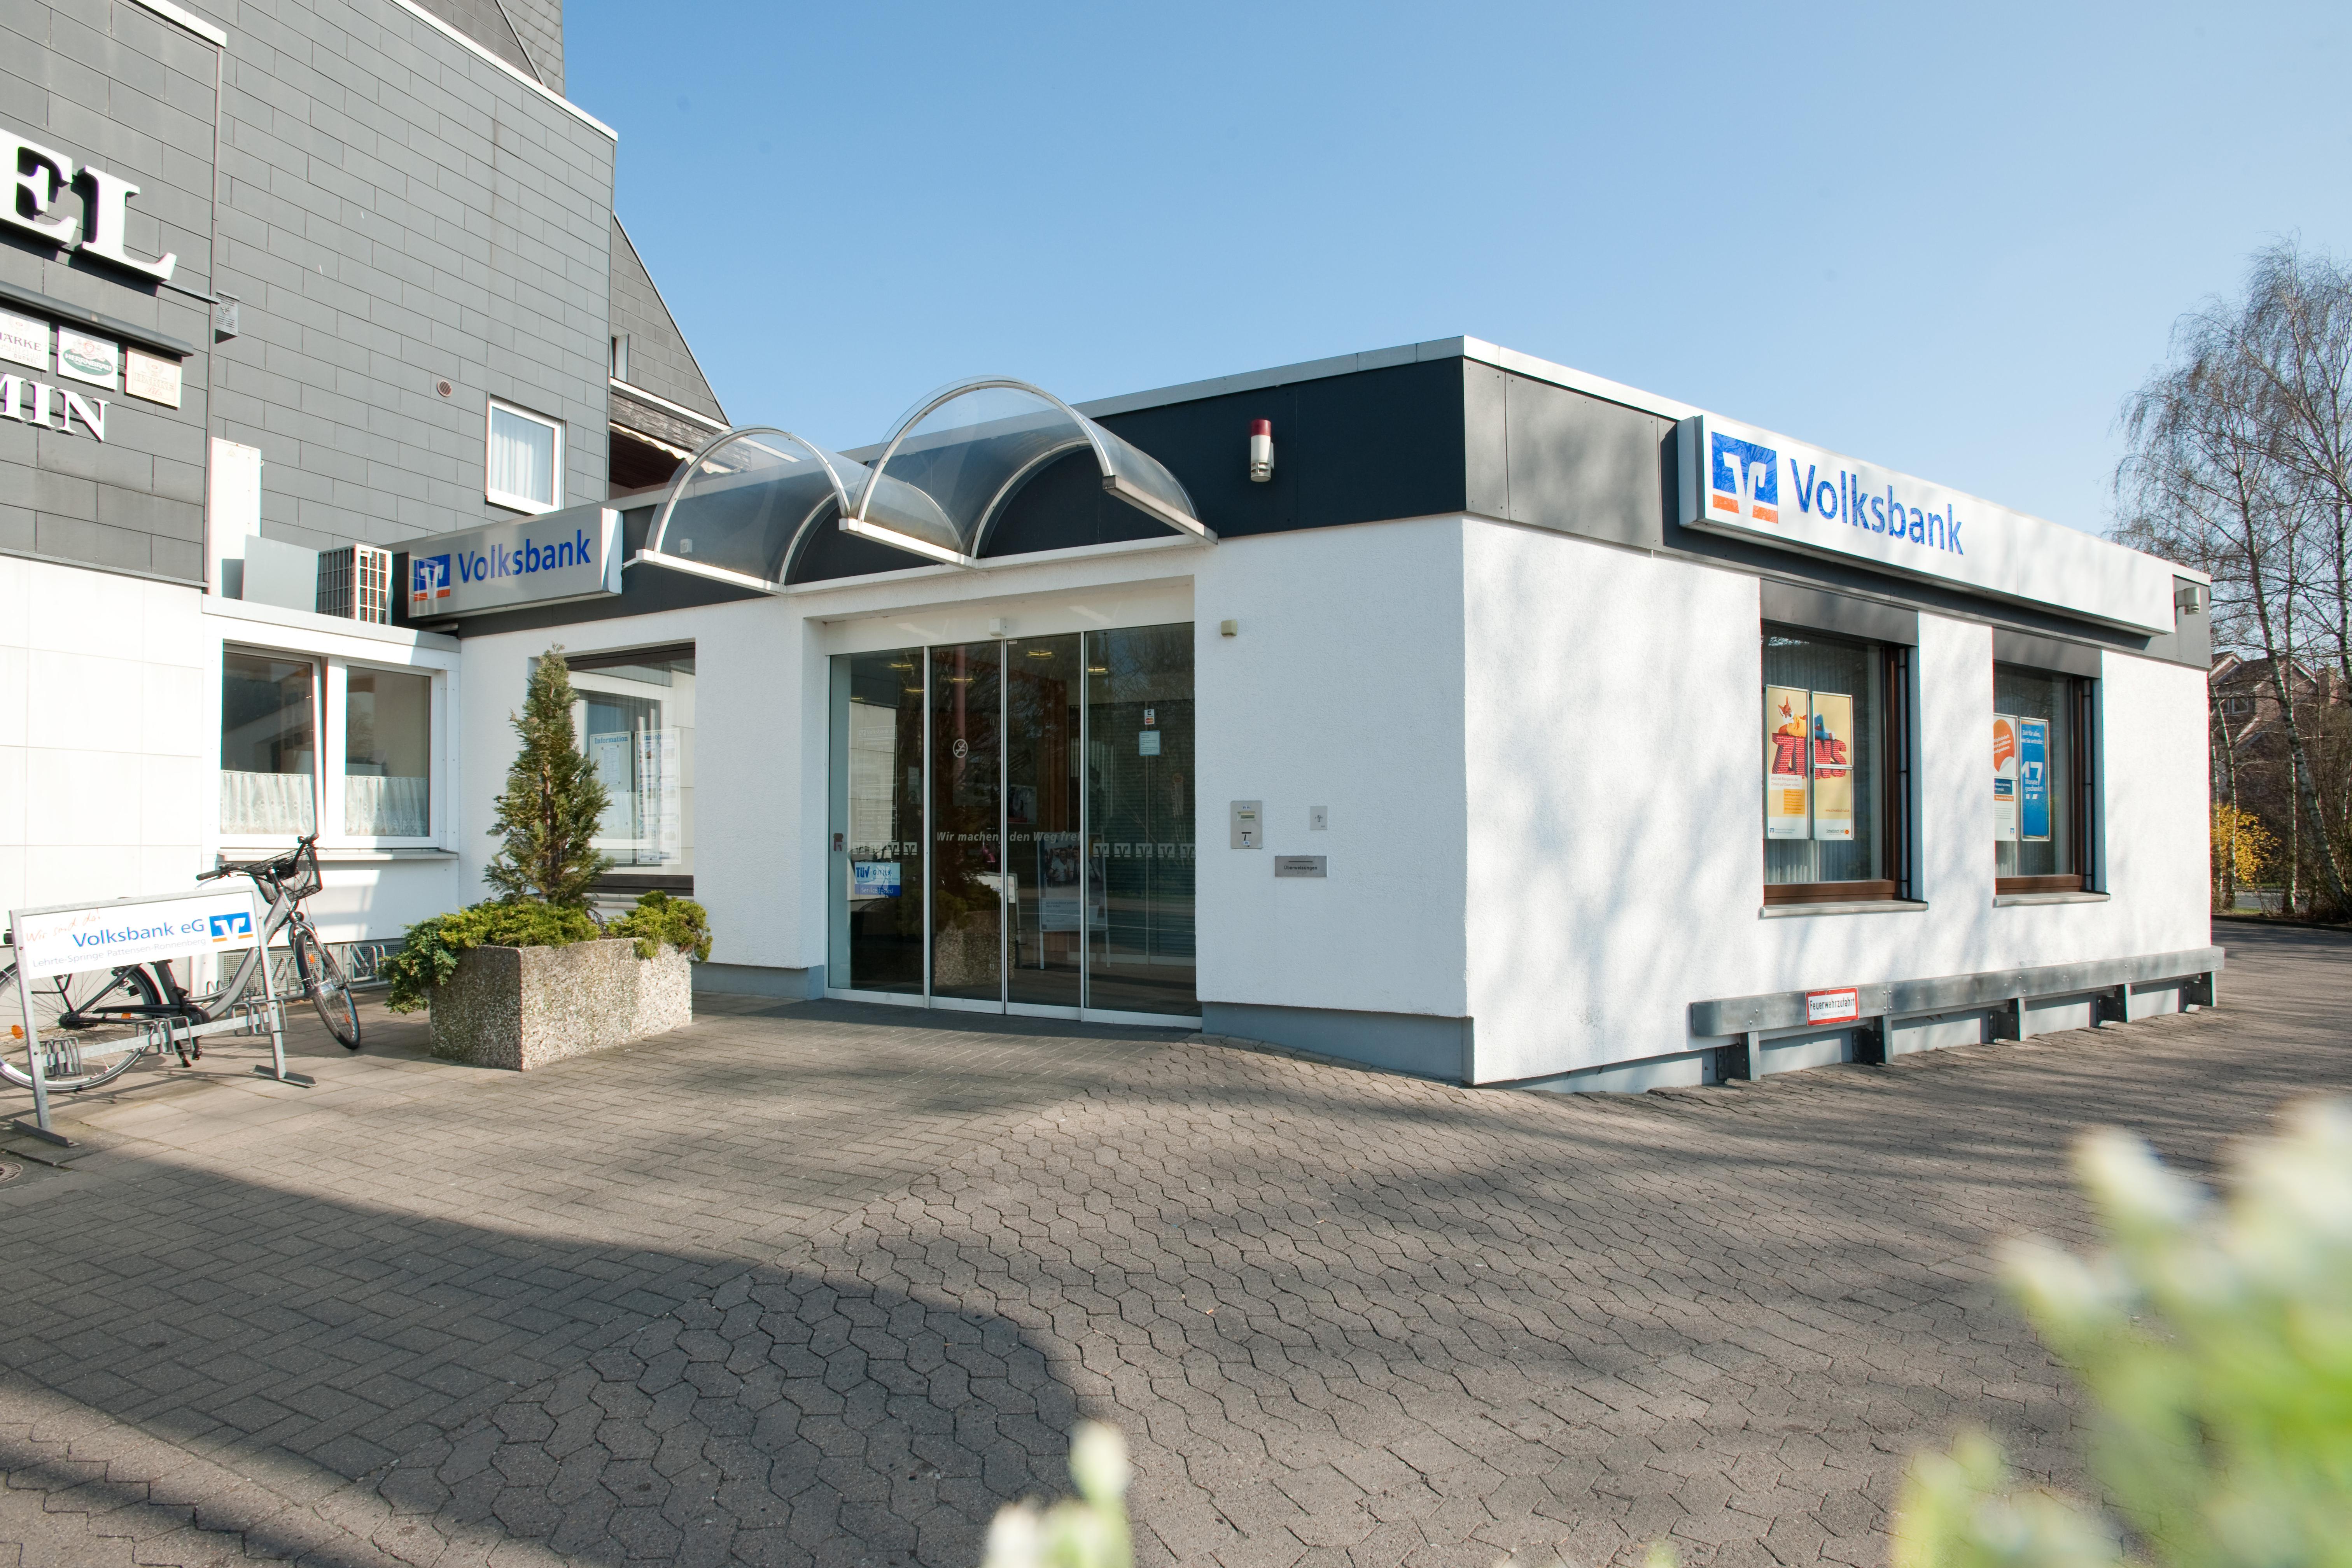 Volksbank eG Hildesheim-Lehrte-Pattensen, Volksbank eG SB-Servicegeschäftsstelle Lehrte, Iltener Straße 75, 31275, Lehrte